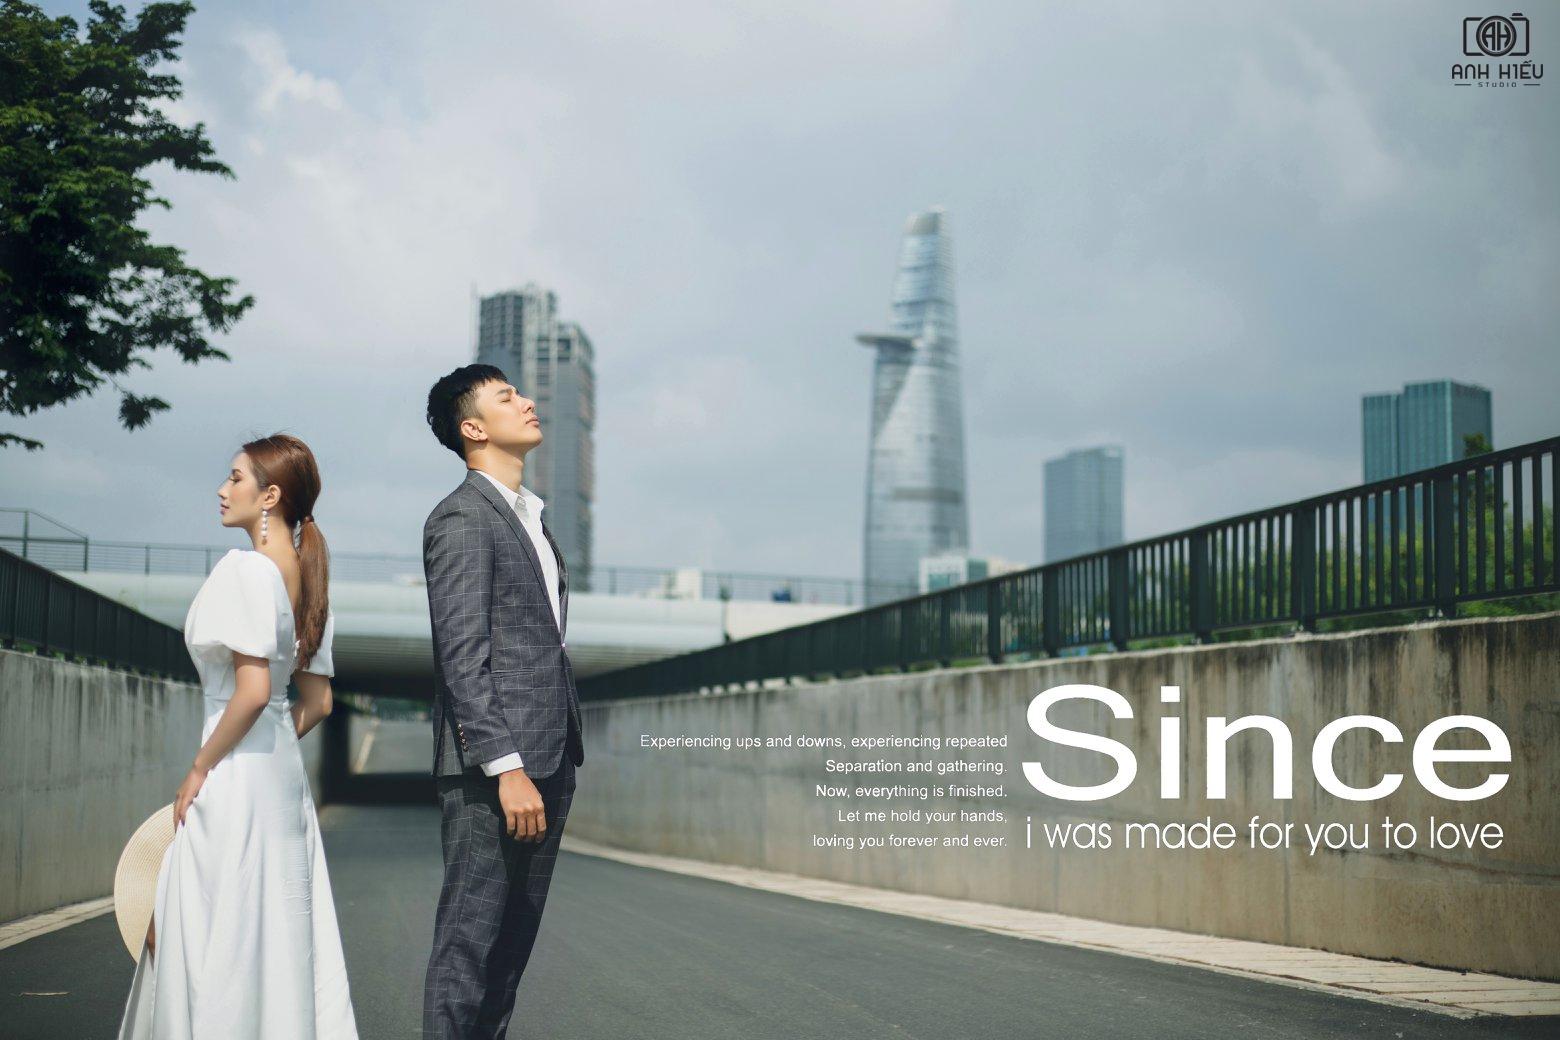 Hinh Cuoi Sai Gon Pho Album 7 (6)